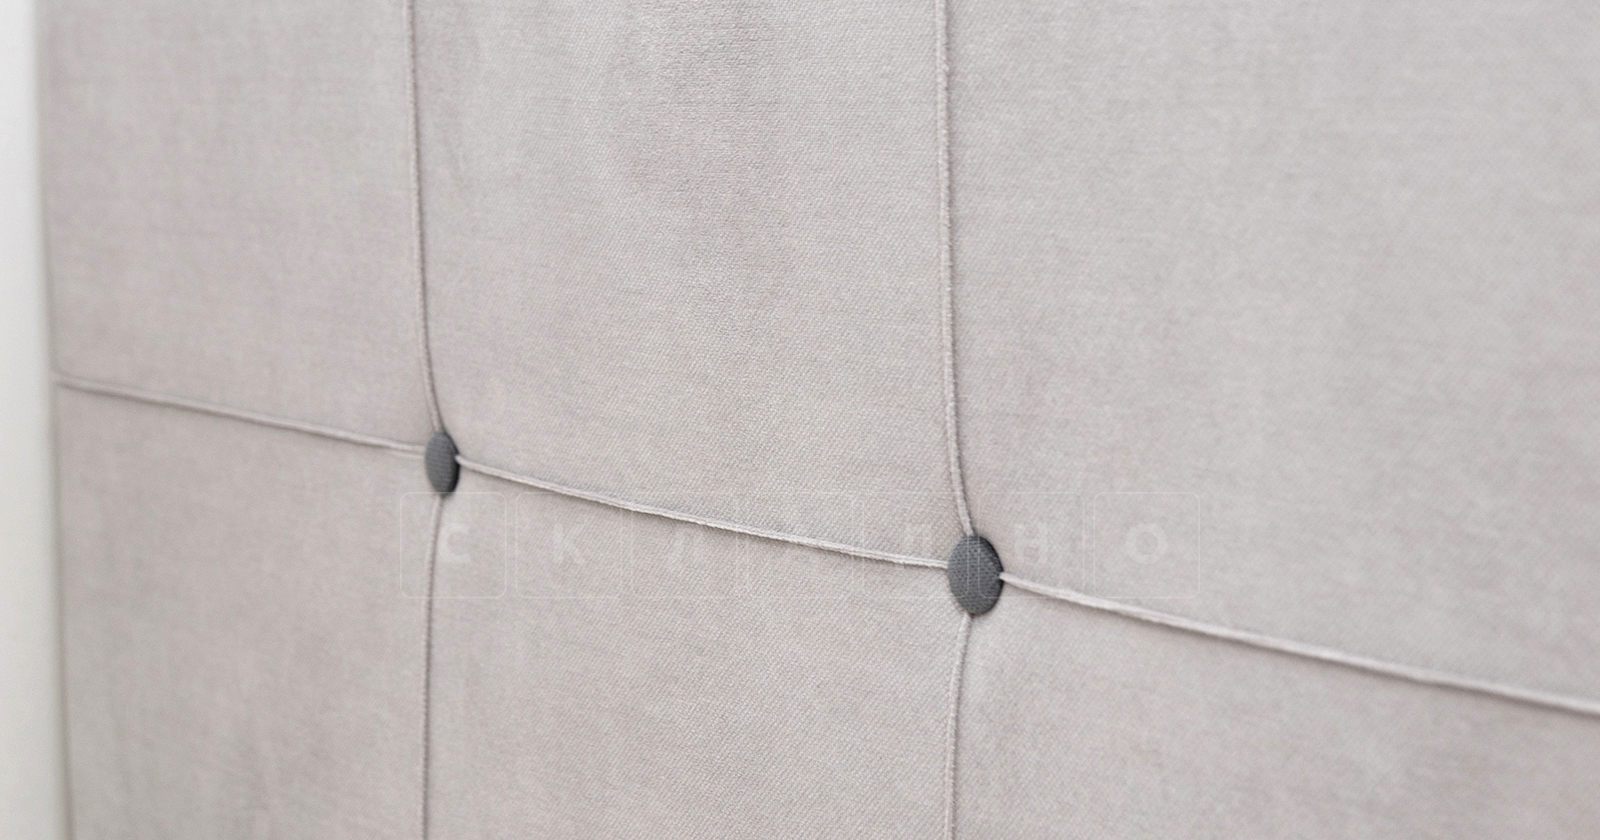 Диван-кровать Флэтфорд светло-серый фото 7 | интернет-магазин Складно